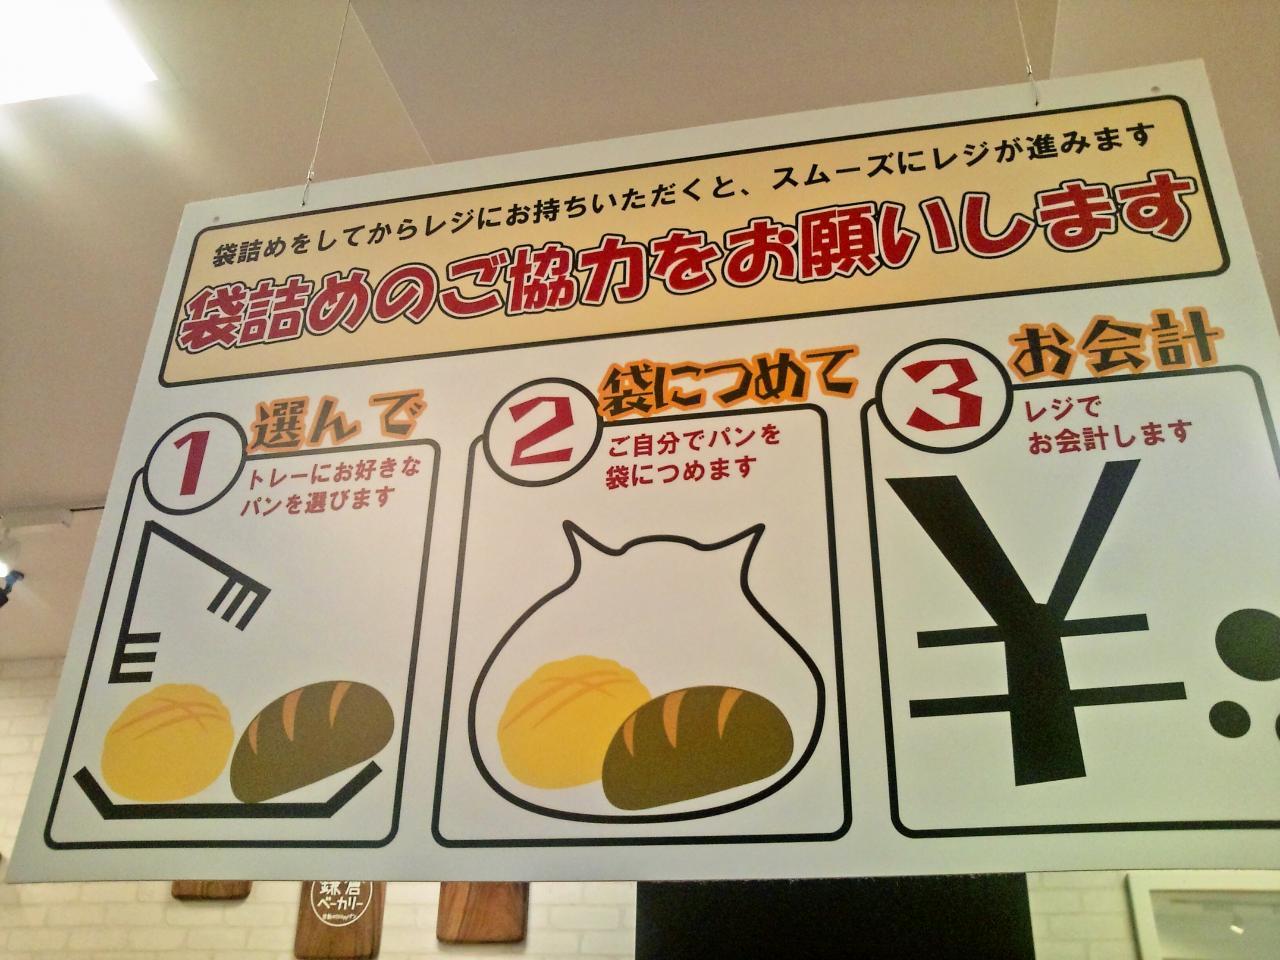 鎌倉ベーカリー相模大野店(会計)